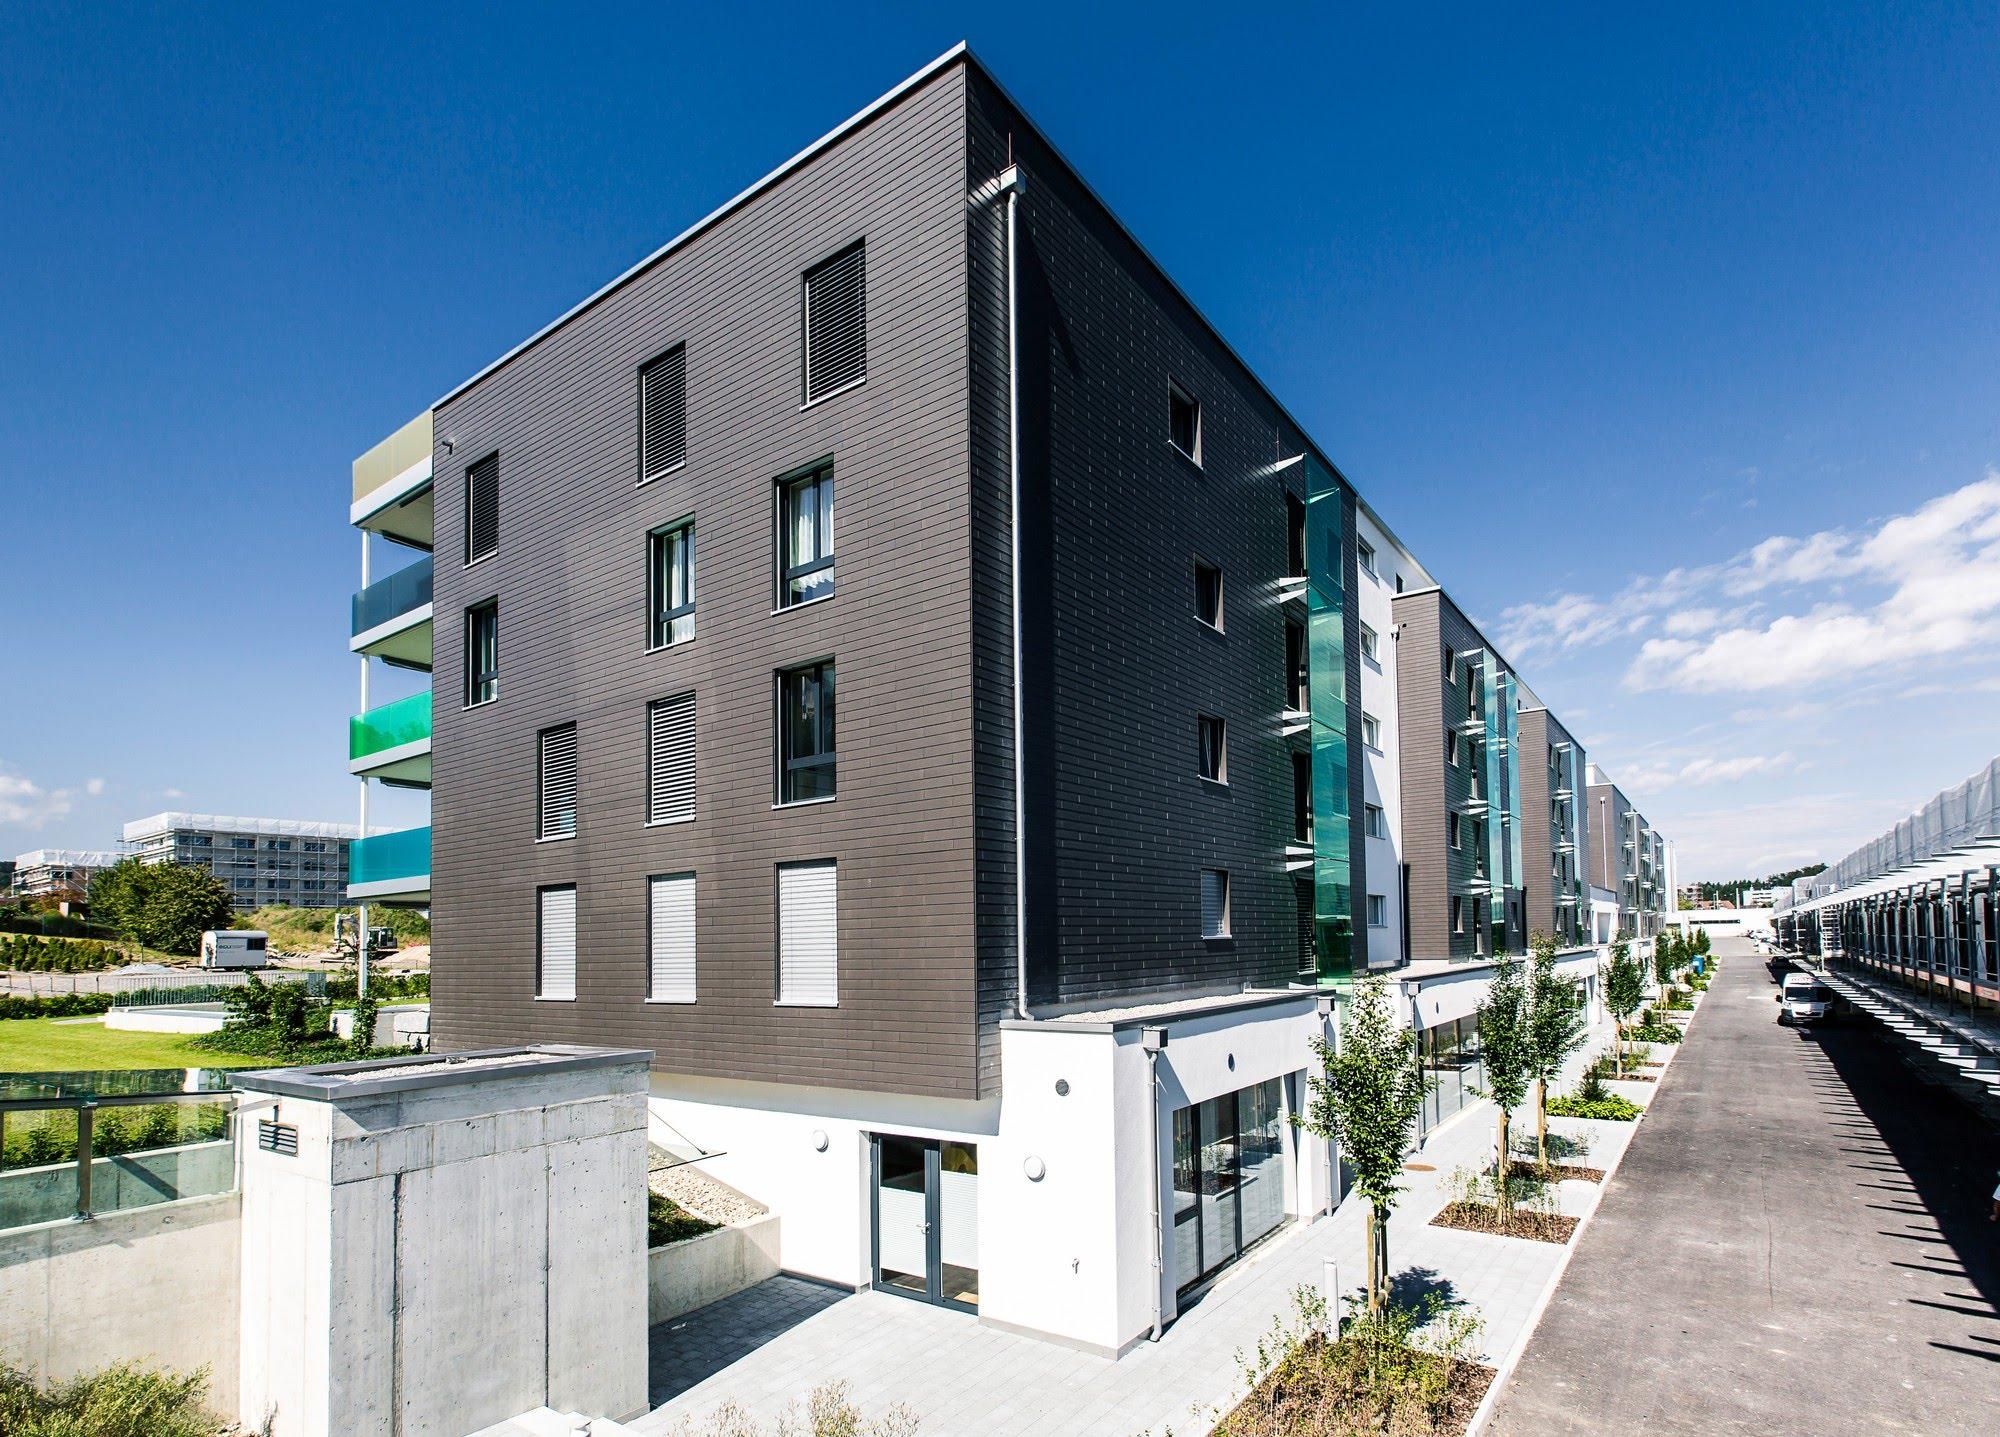 Öffentlich,Wohnen MFH,Gewerbe Wohn- und Geschäftshaus mit P+R-System Architektur,Wohnungsbau,Wohnhäuser,Einfamilienhäuser,Mehrfamilienhäuser